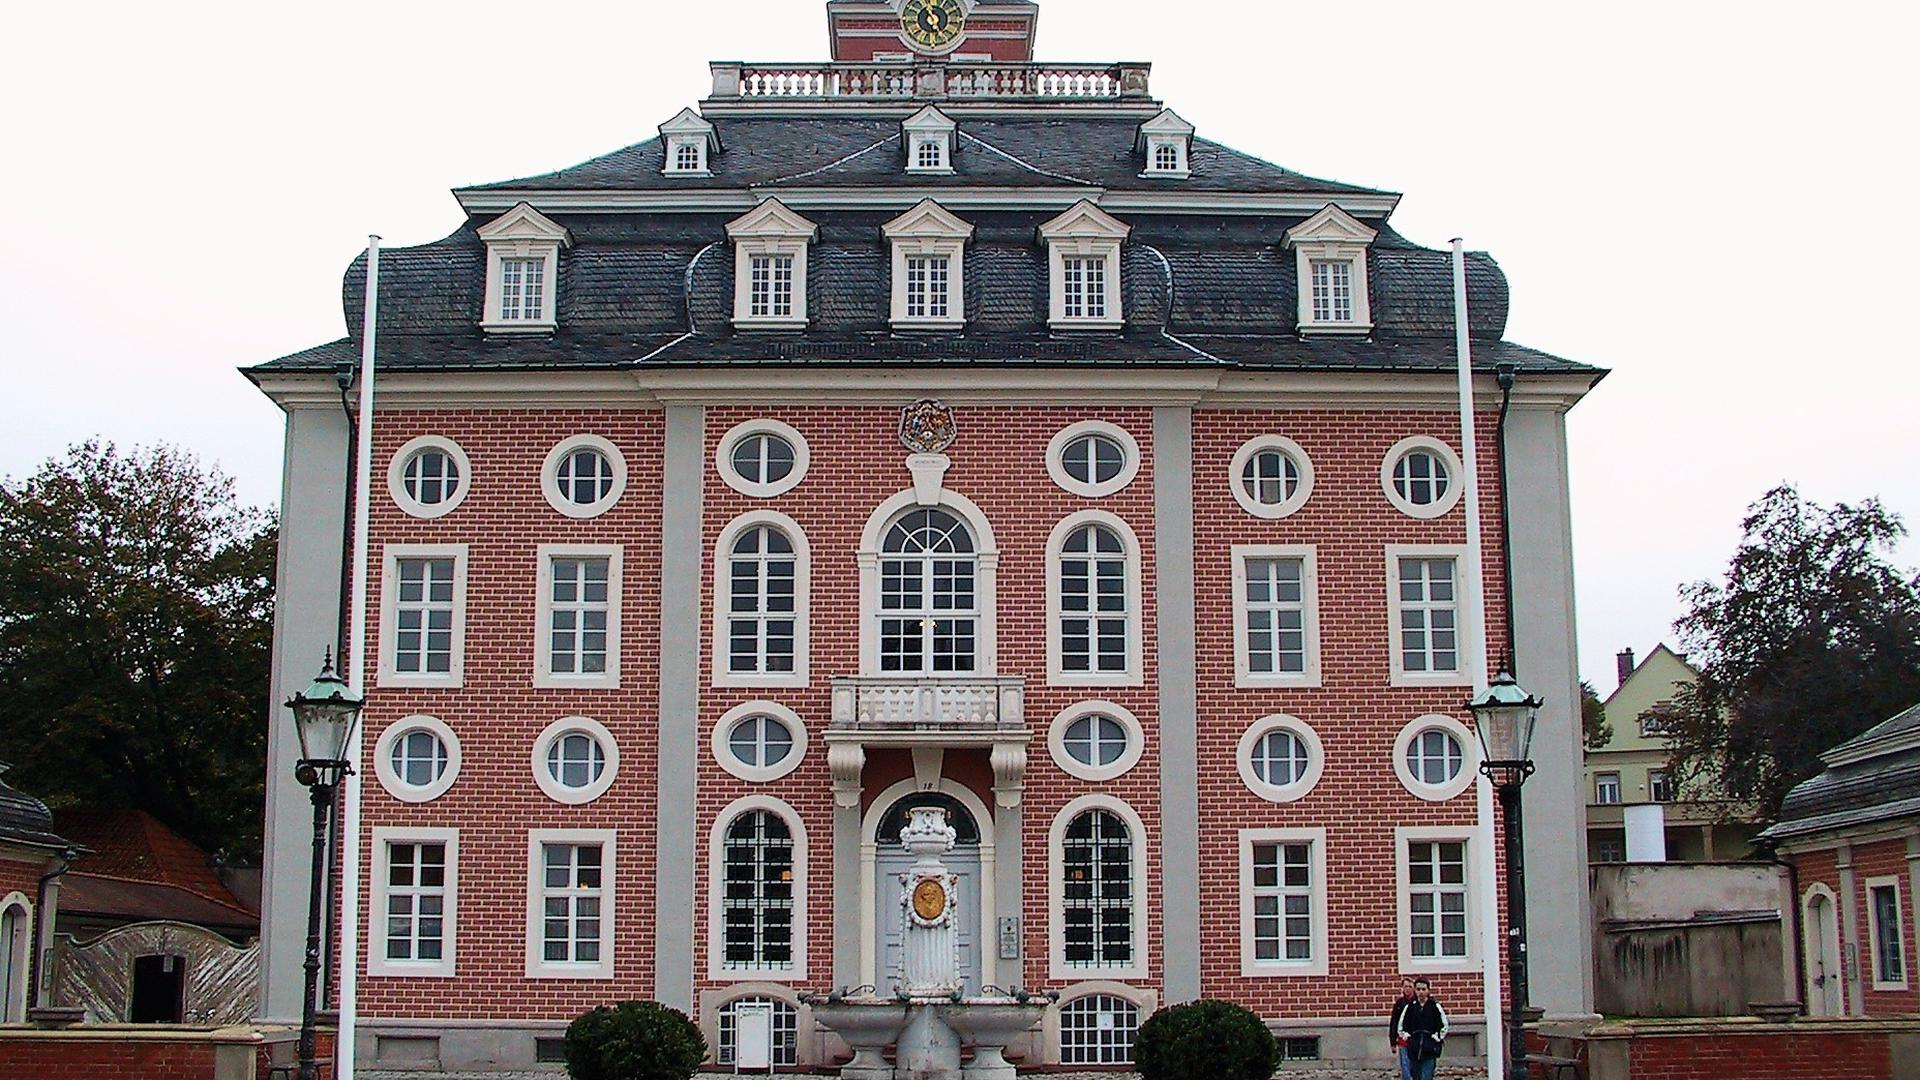 Am Amtsgericht Bruchsal fiel ein Urteil wegen sexueller Belästigung gegen einen jungen Polizeibeamten.